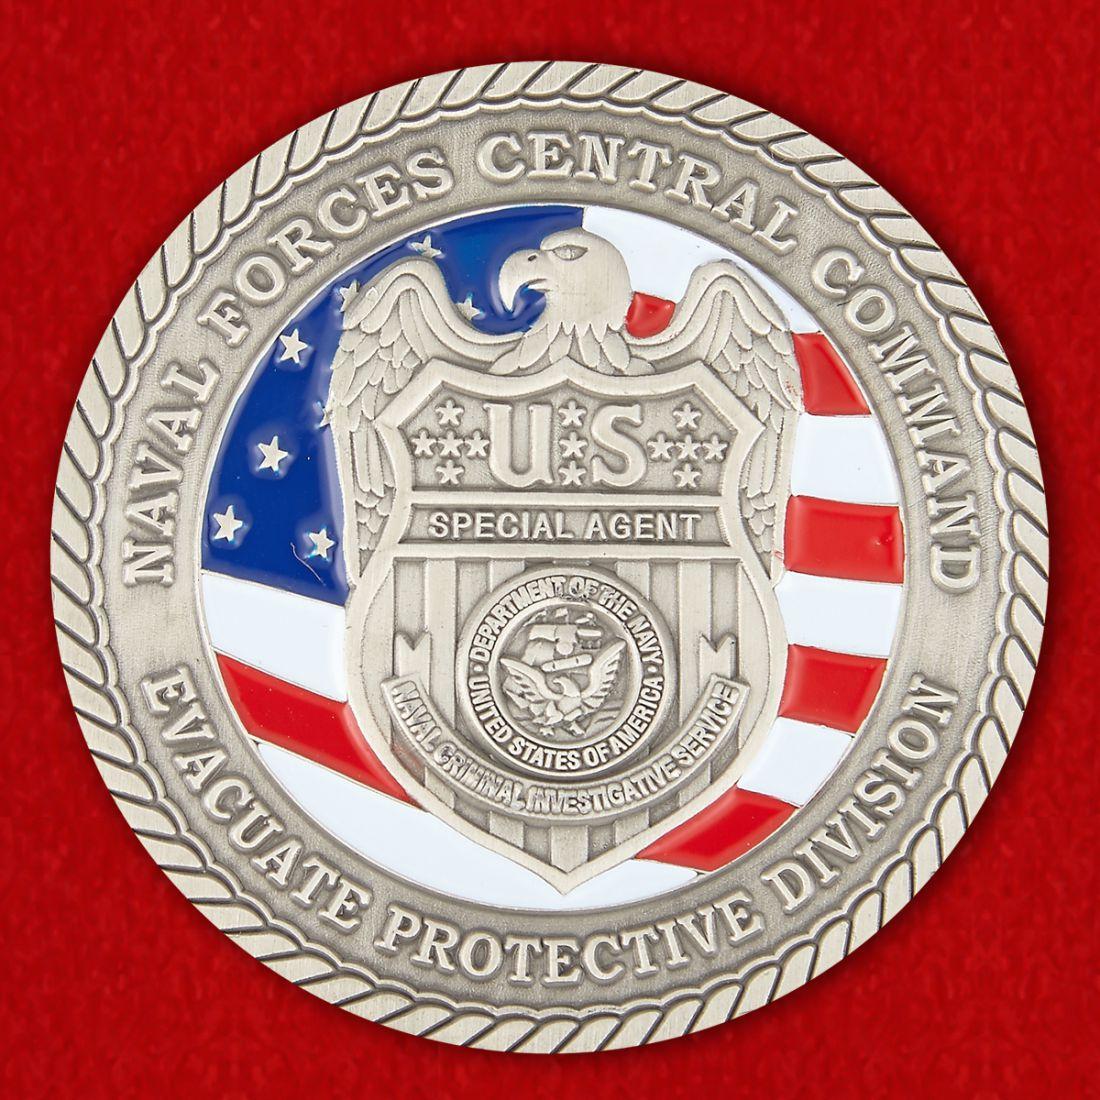 Челлендж коин Специального Агента Министерства ВМС США